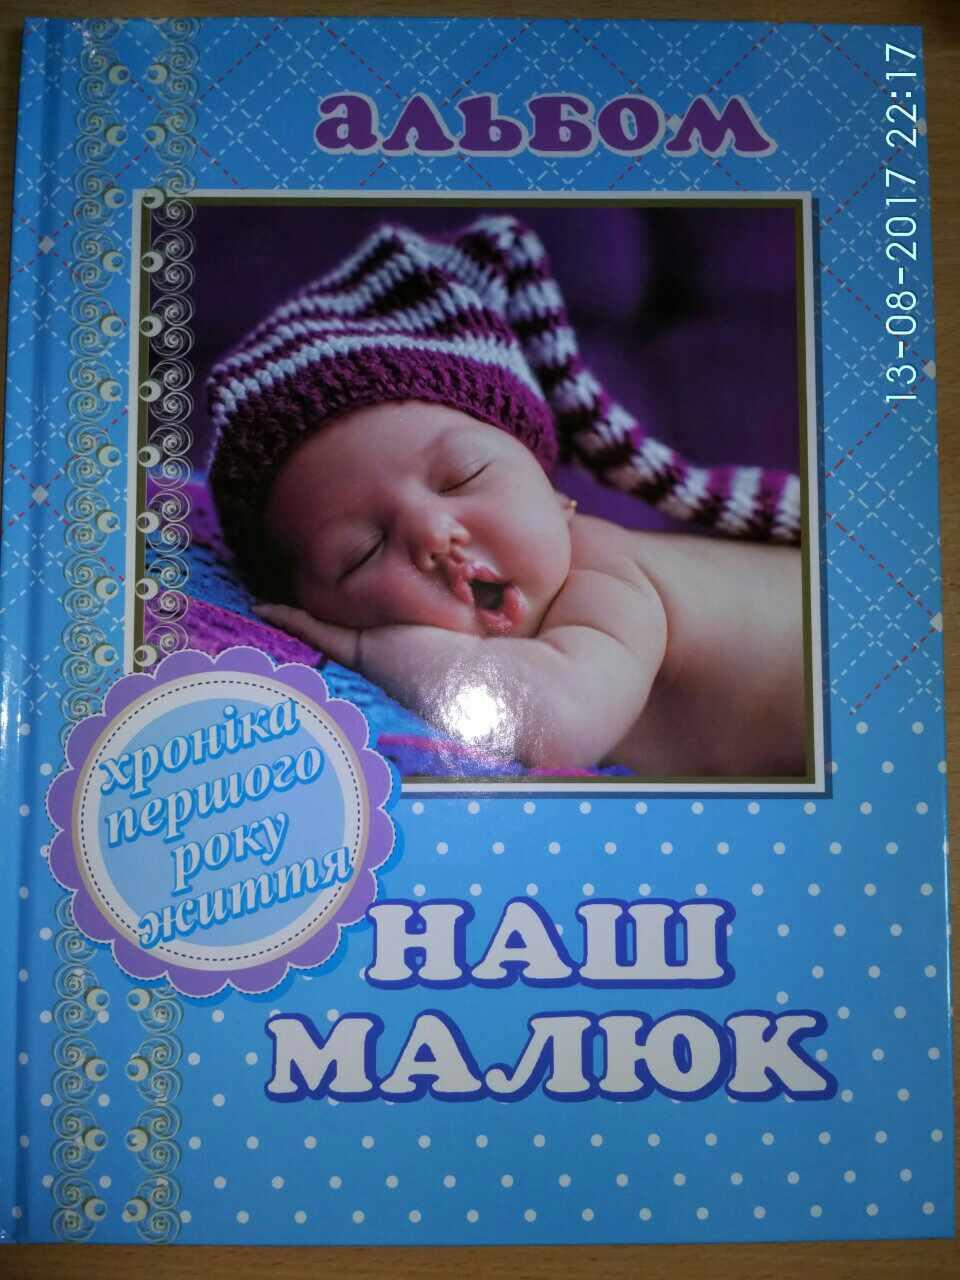 Детский фотоальбом Наш малыш с анкеткой на украинском языке для мальчика